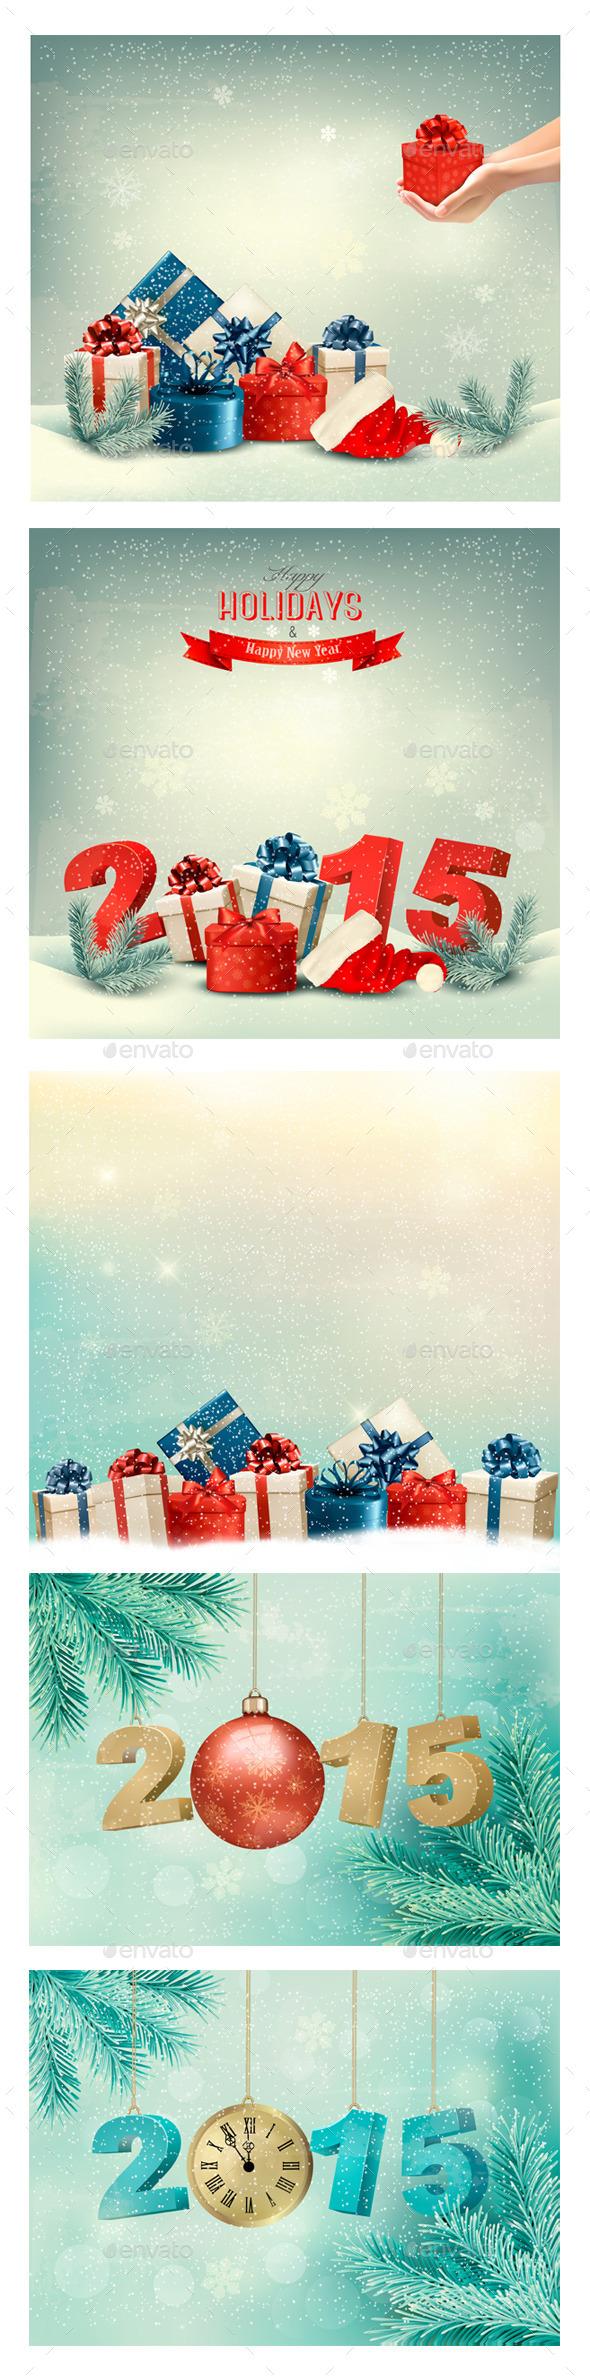 Holiday Christmas Backgrounds Bundle - Christmas Seasons/Holidays